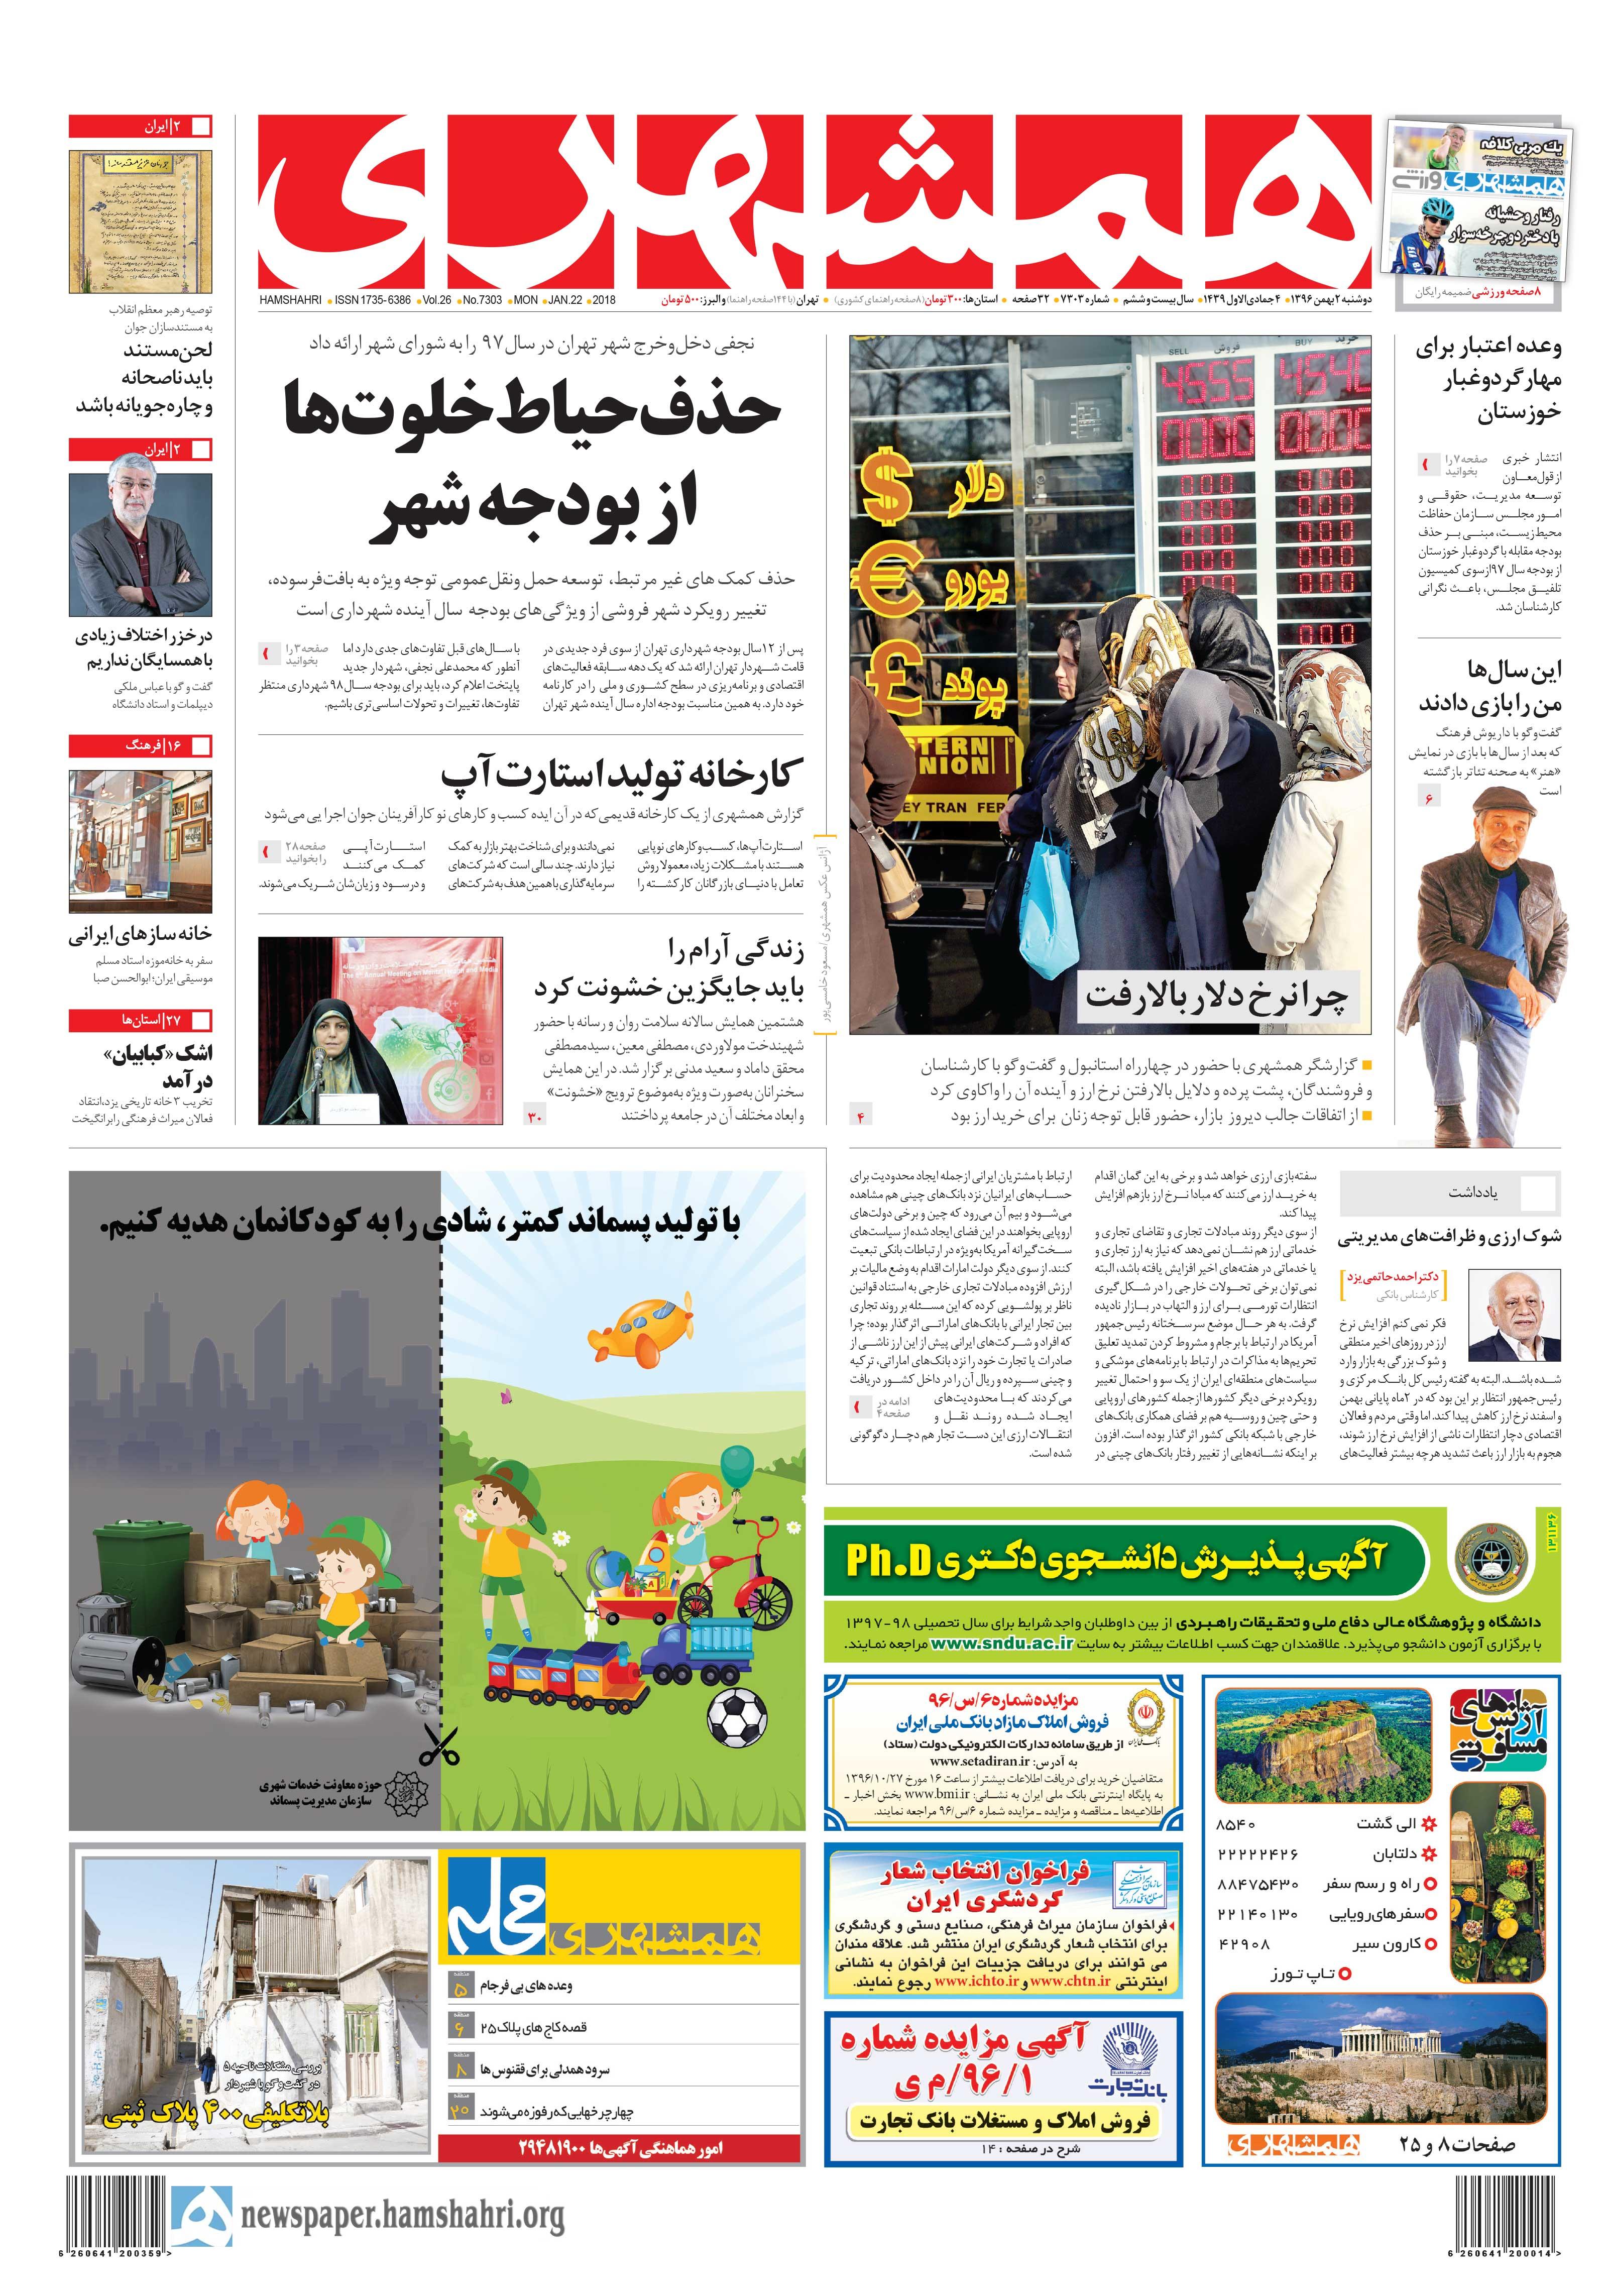 صفحه اول دوشنبه 2 بهمنماه 1396